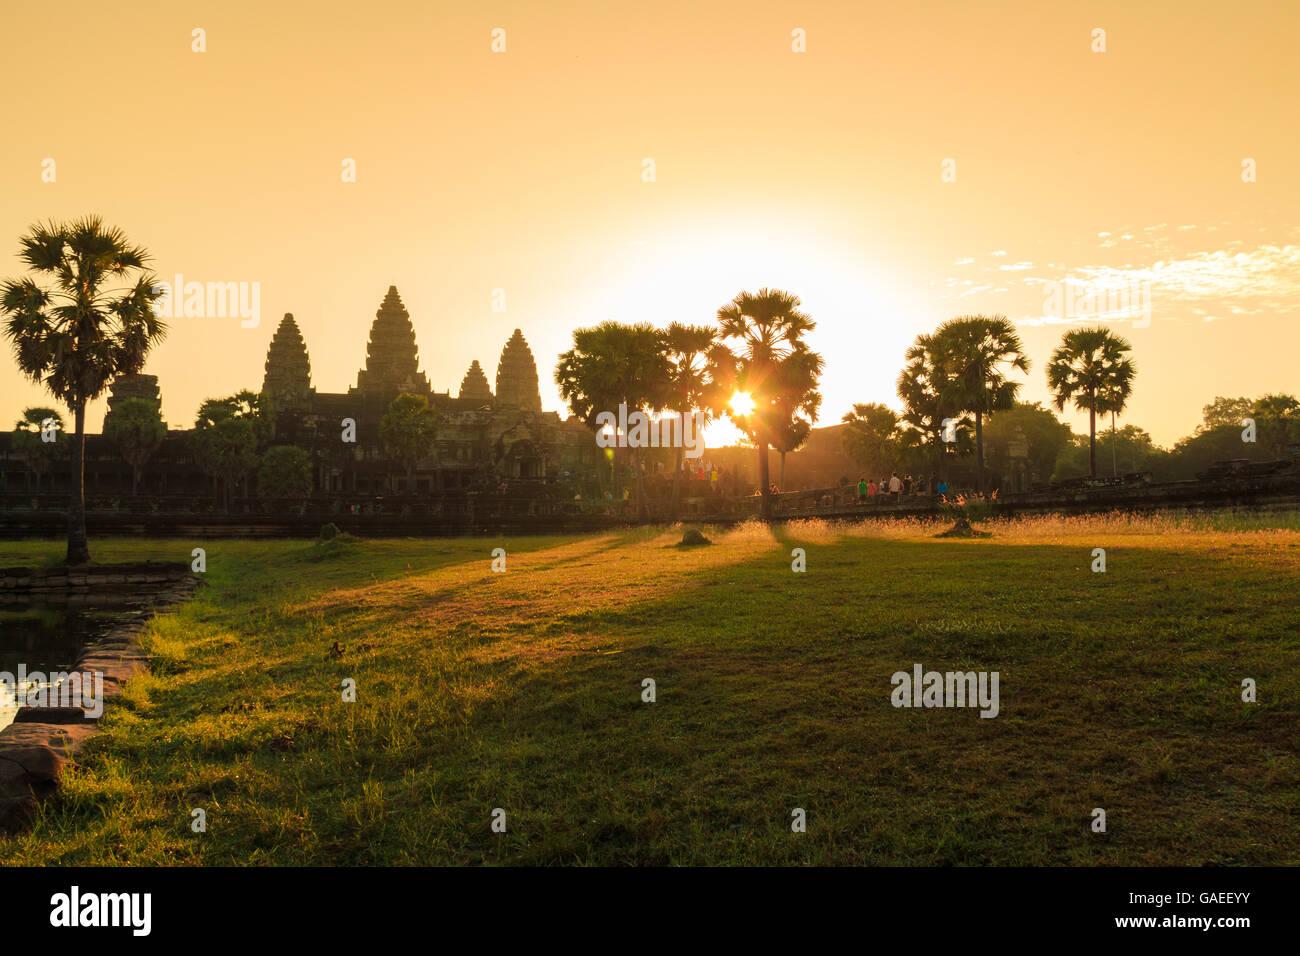 Sunrise a Angkor Wat in Siem Reap, Cambogia, che è un patrimonio mondiale Immagini Stock